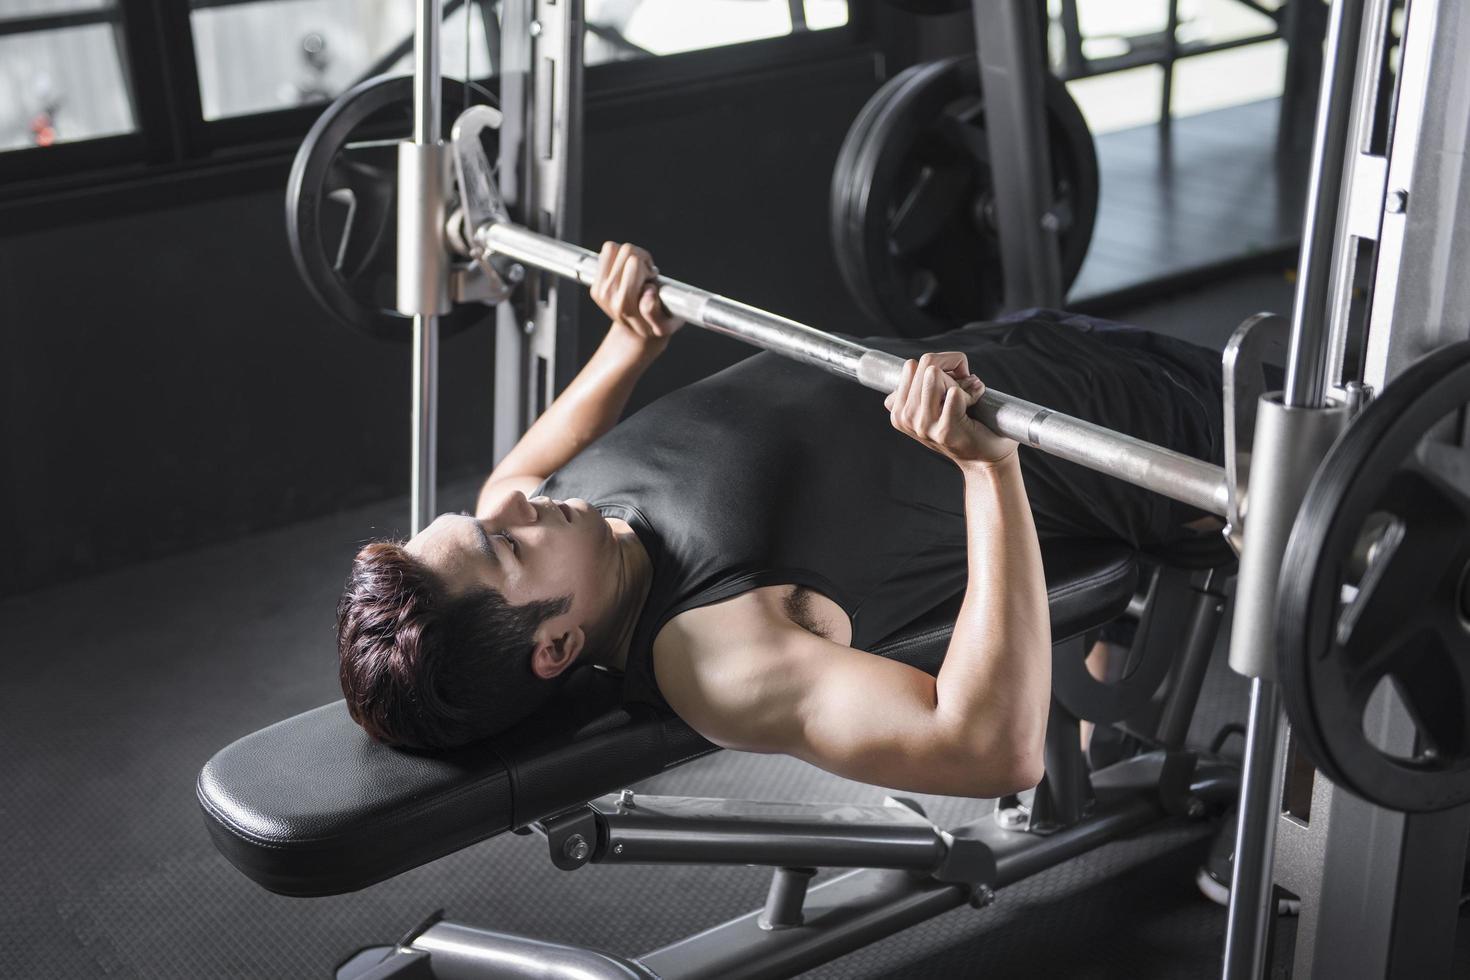 Mann auf Bankdrücken im Fitnessstudio foto